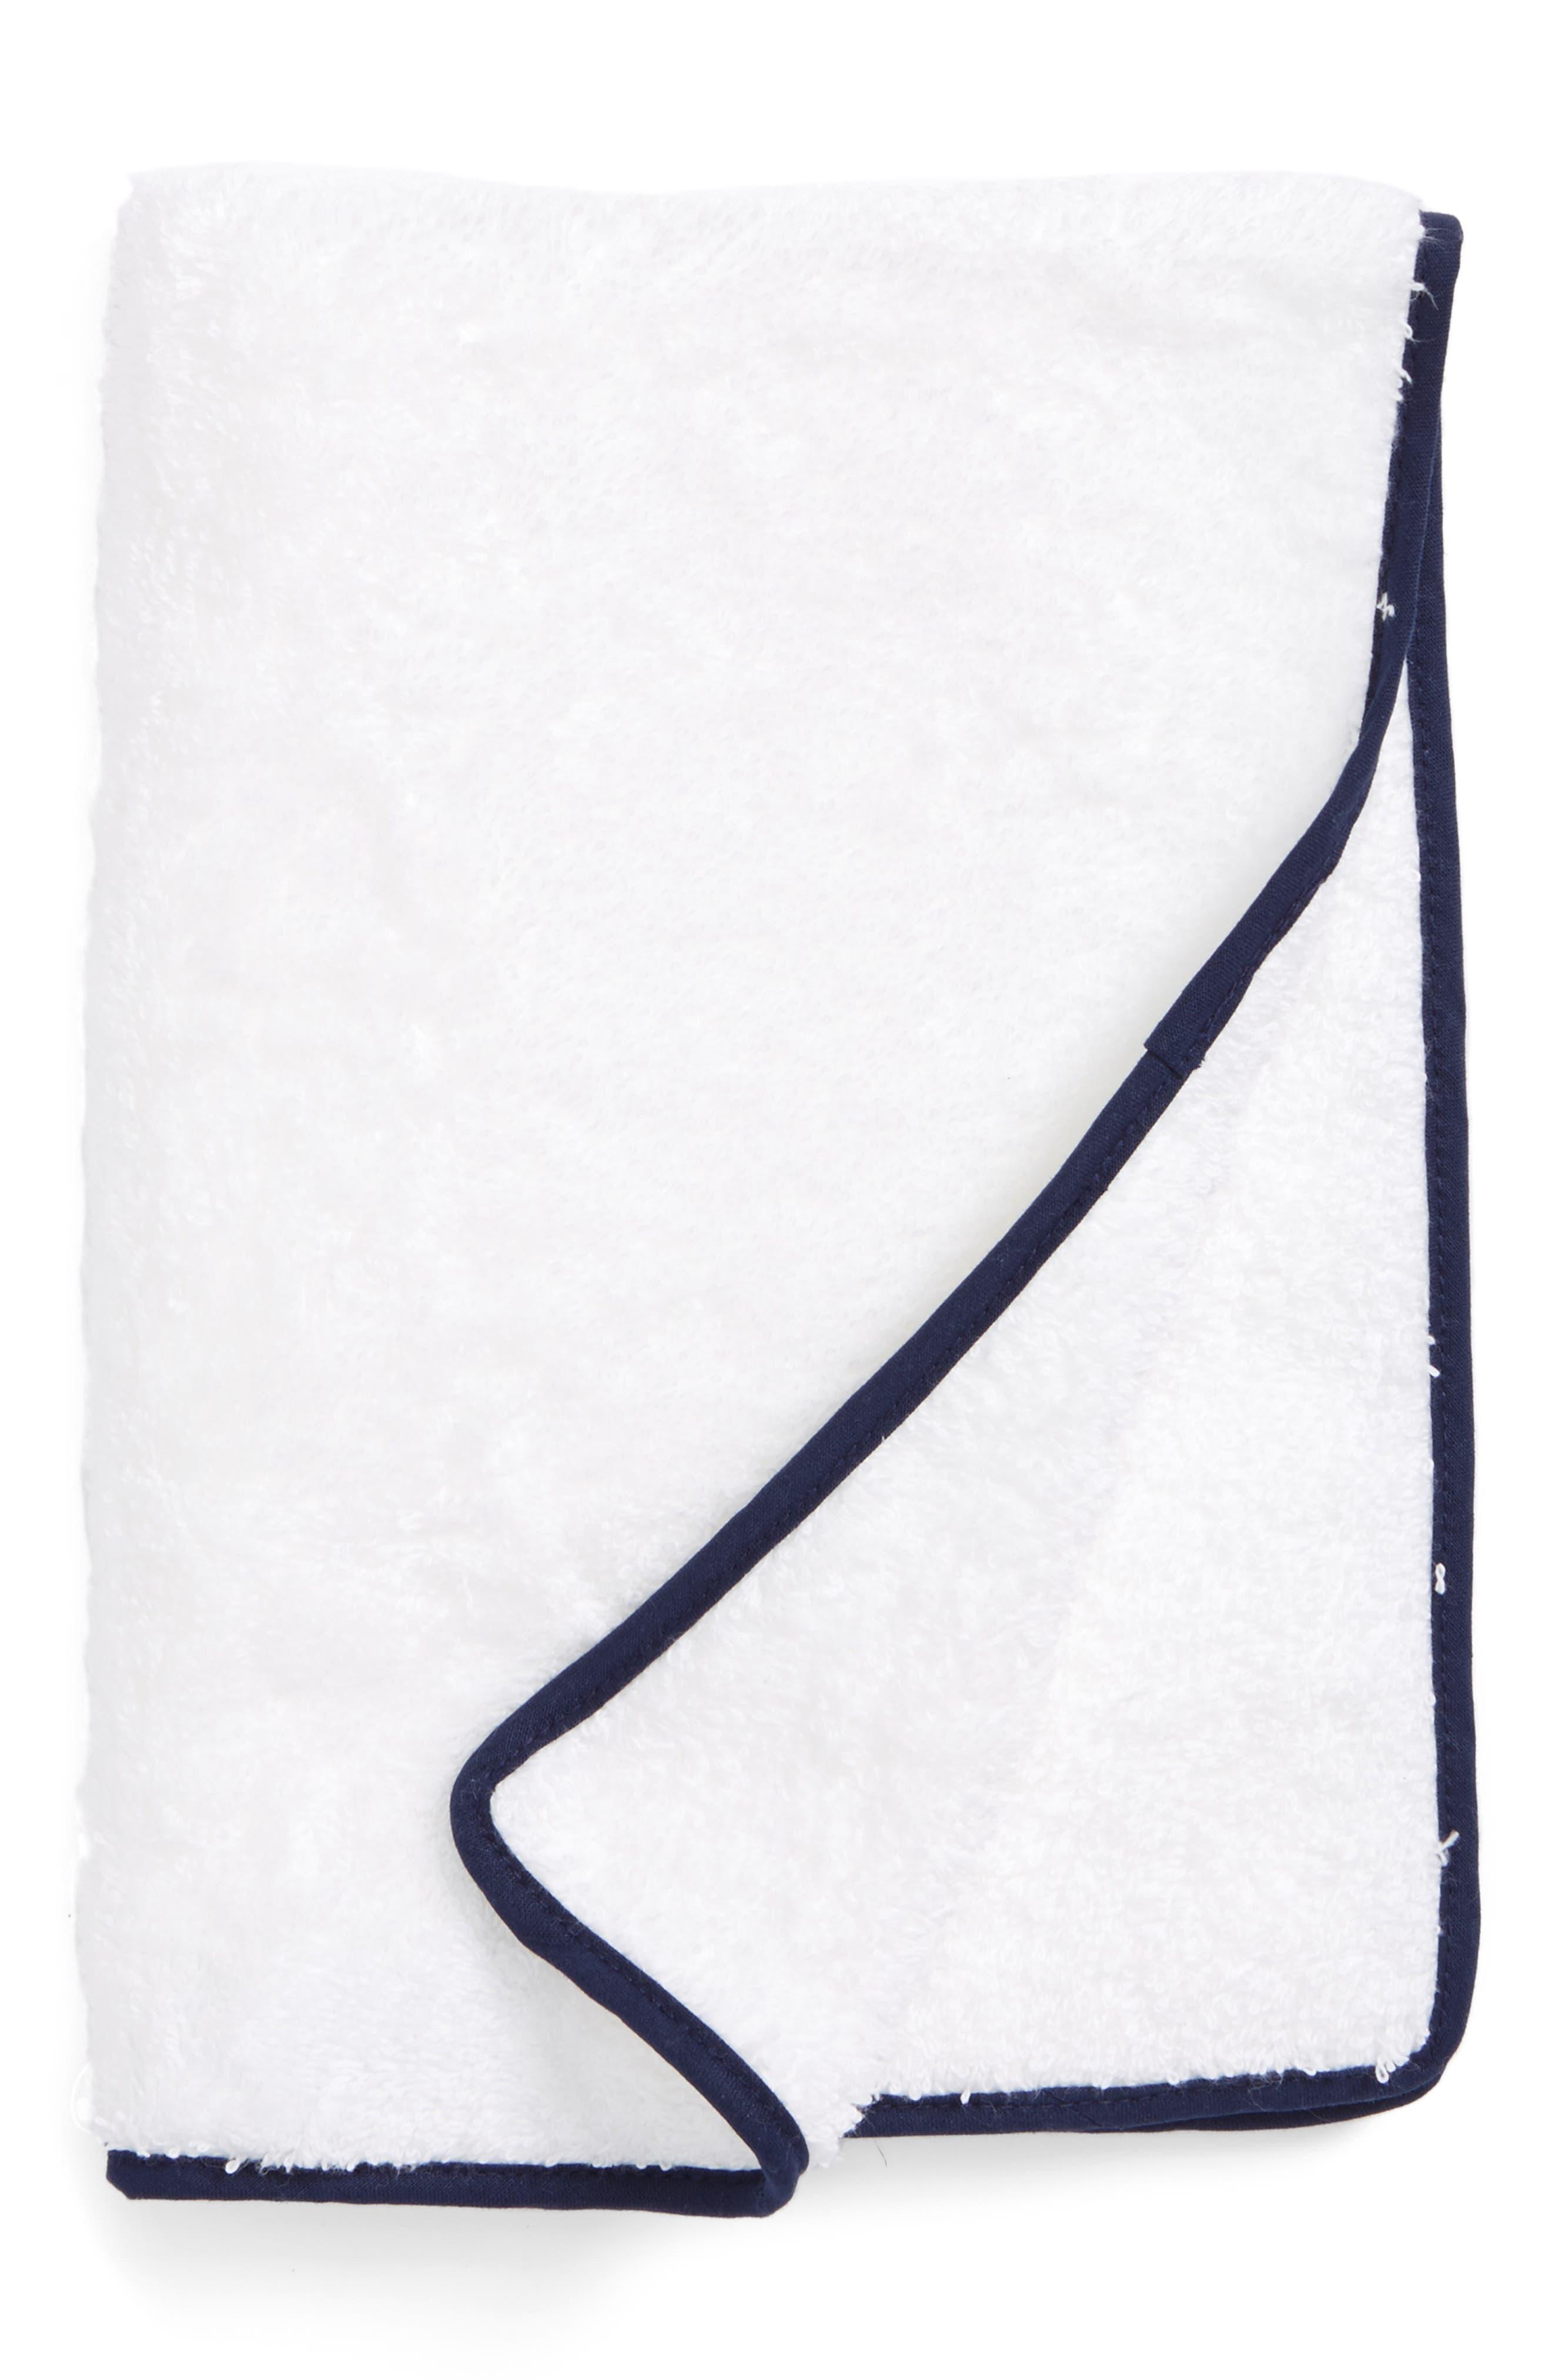 Alternate Image 1 Selected - Matouk Cairo Guest Towel